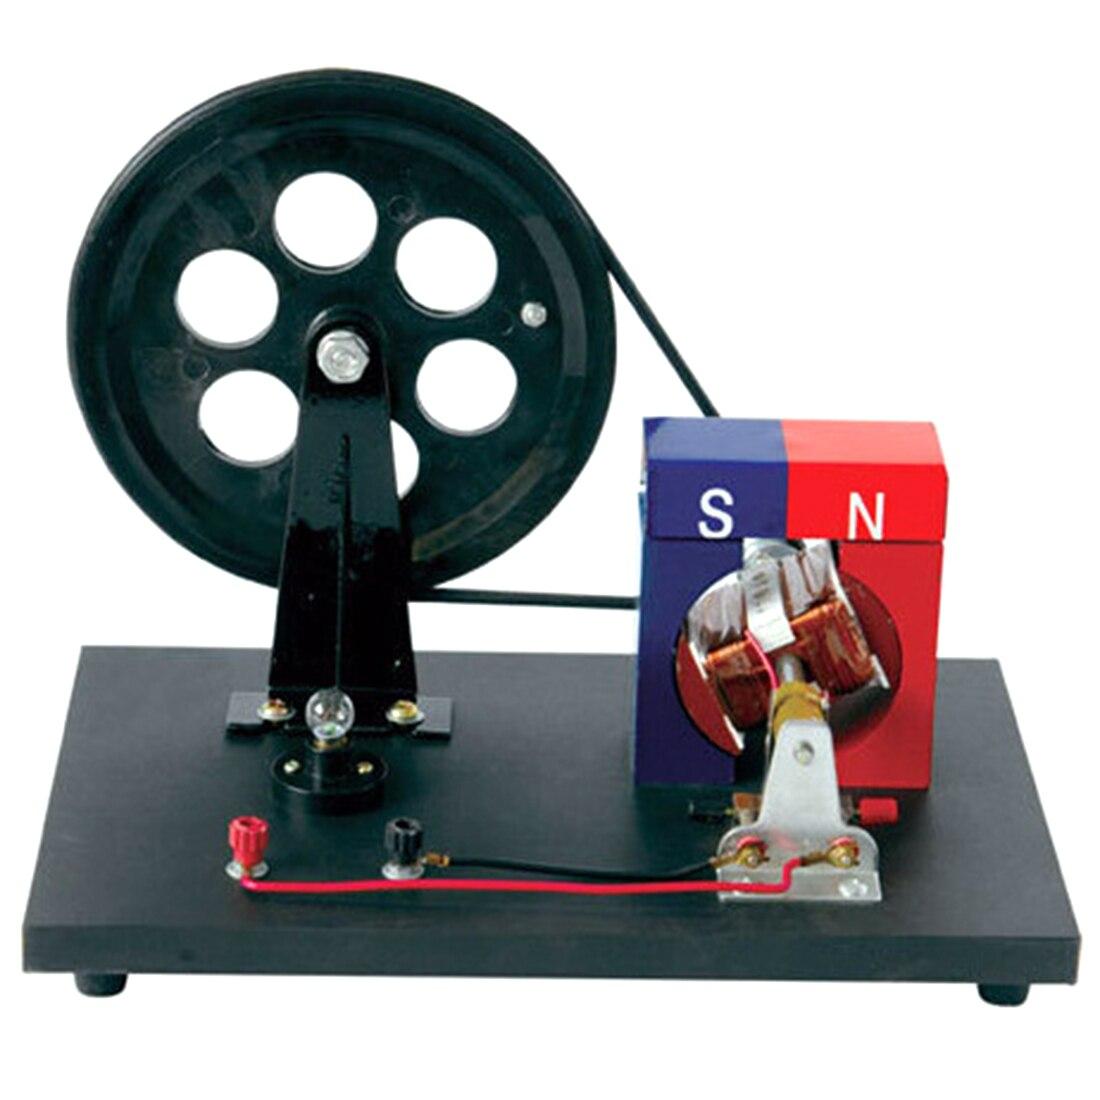 Appareil expérimental d'alternateur de main de générateur de main pour l'éducation de physique pour des enfants